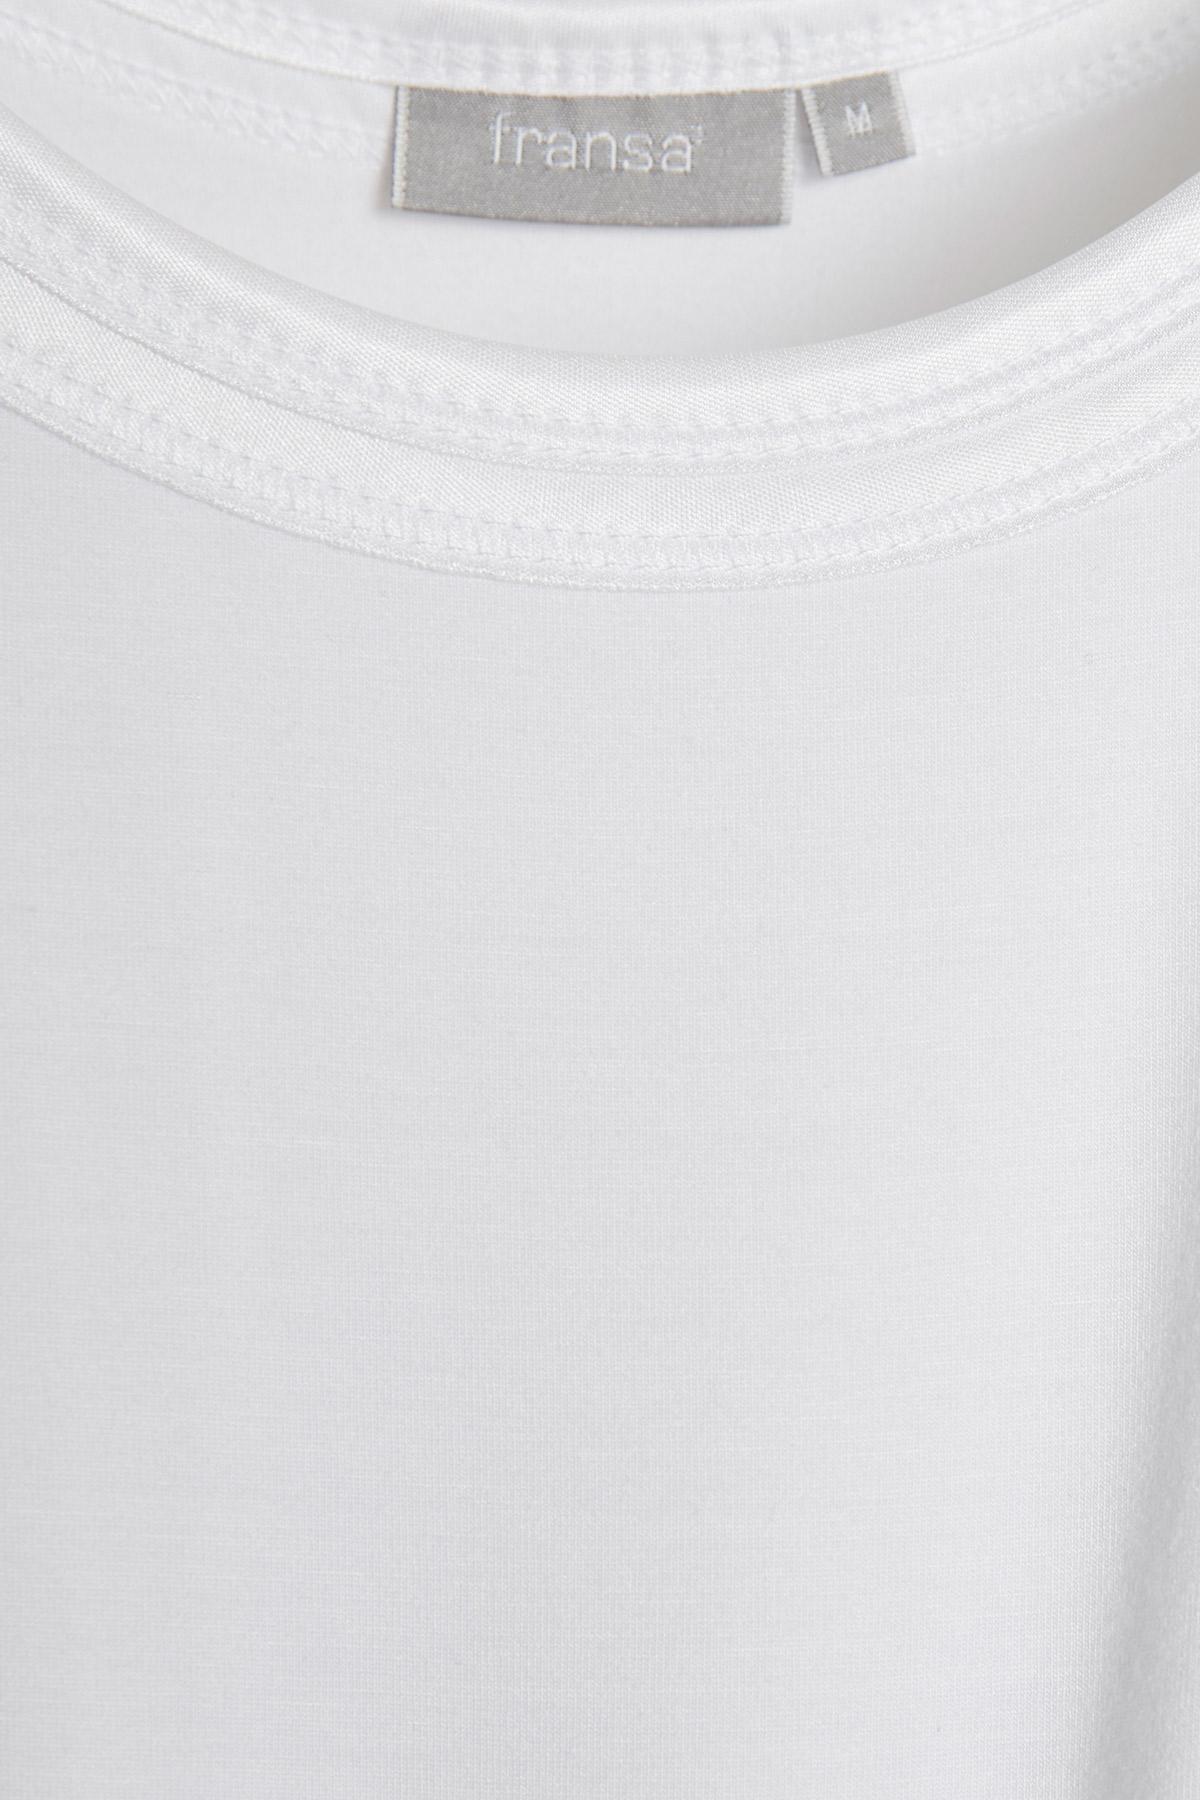 Weiß Ärmelloses Top von Fransa – Shoppen Sie Weiß Ärmelloses Top ab Gr. XS-XXL hier